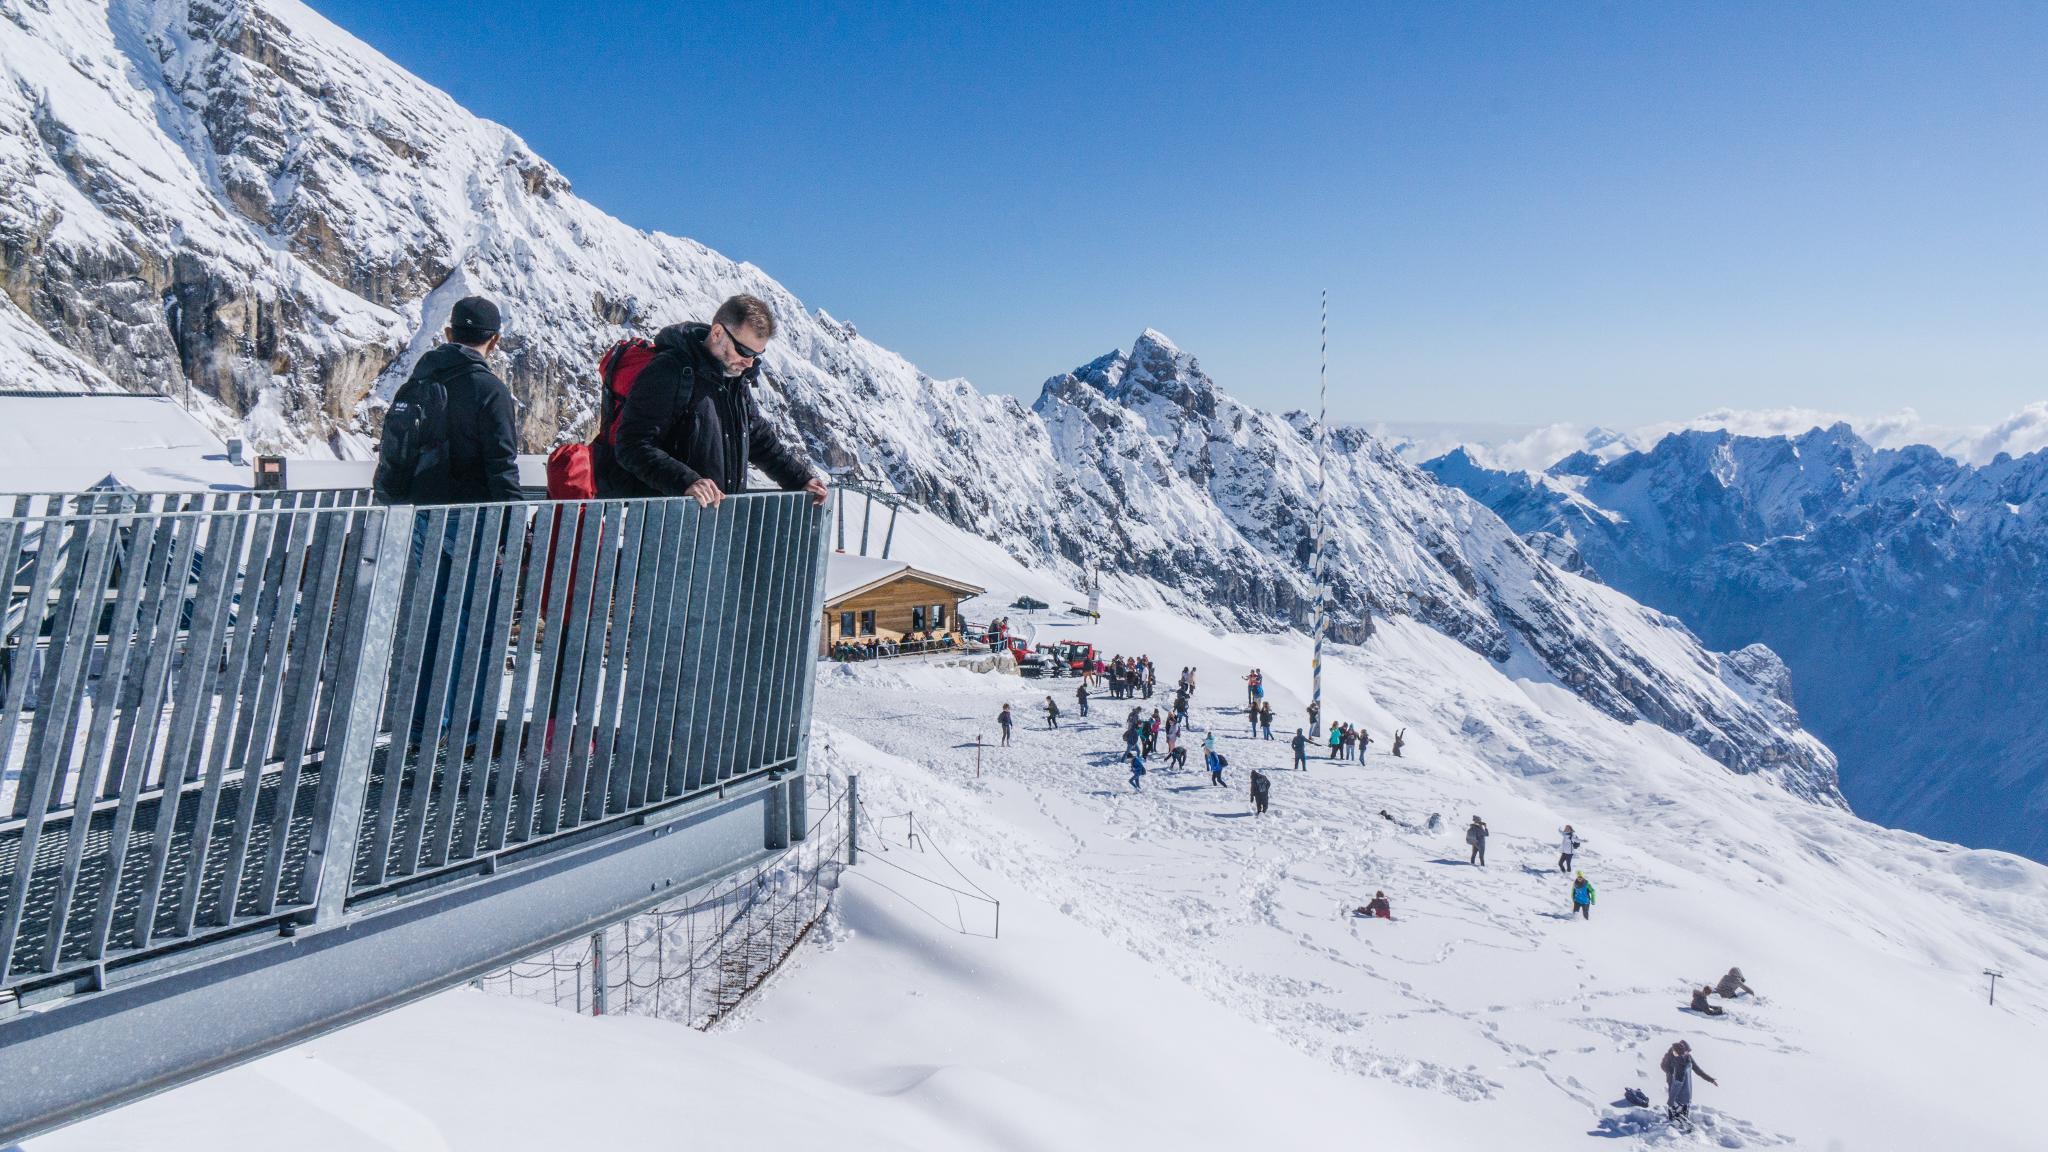 【德國】阿爾卑斯大道:楚格峰 (Zugspitze) 登上德國之巔 34